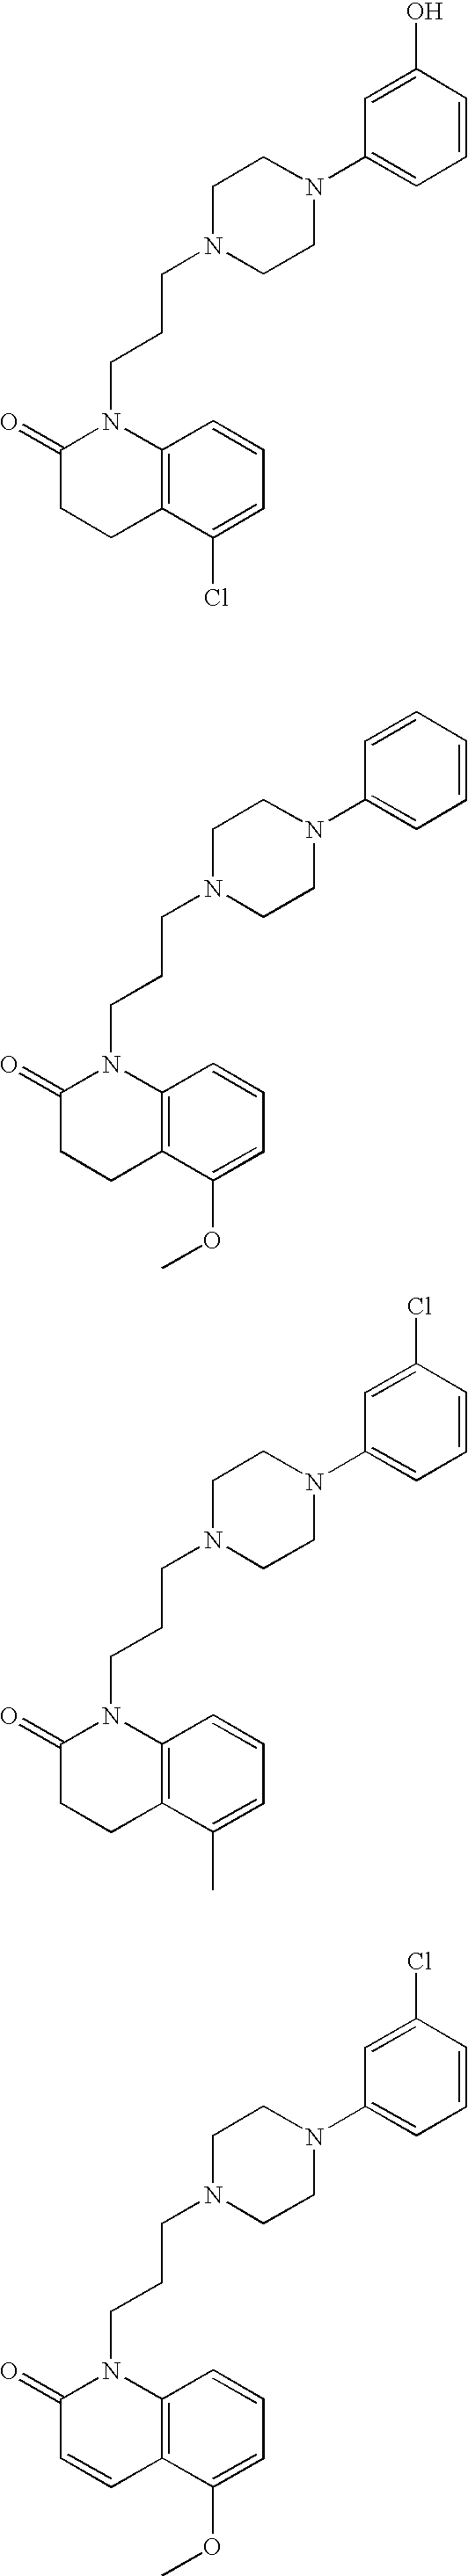 Figure US20100009983A1-20100114-C00139